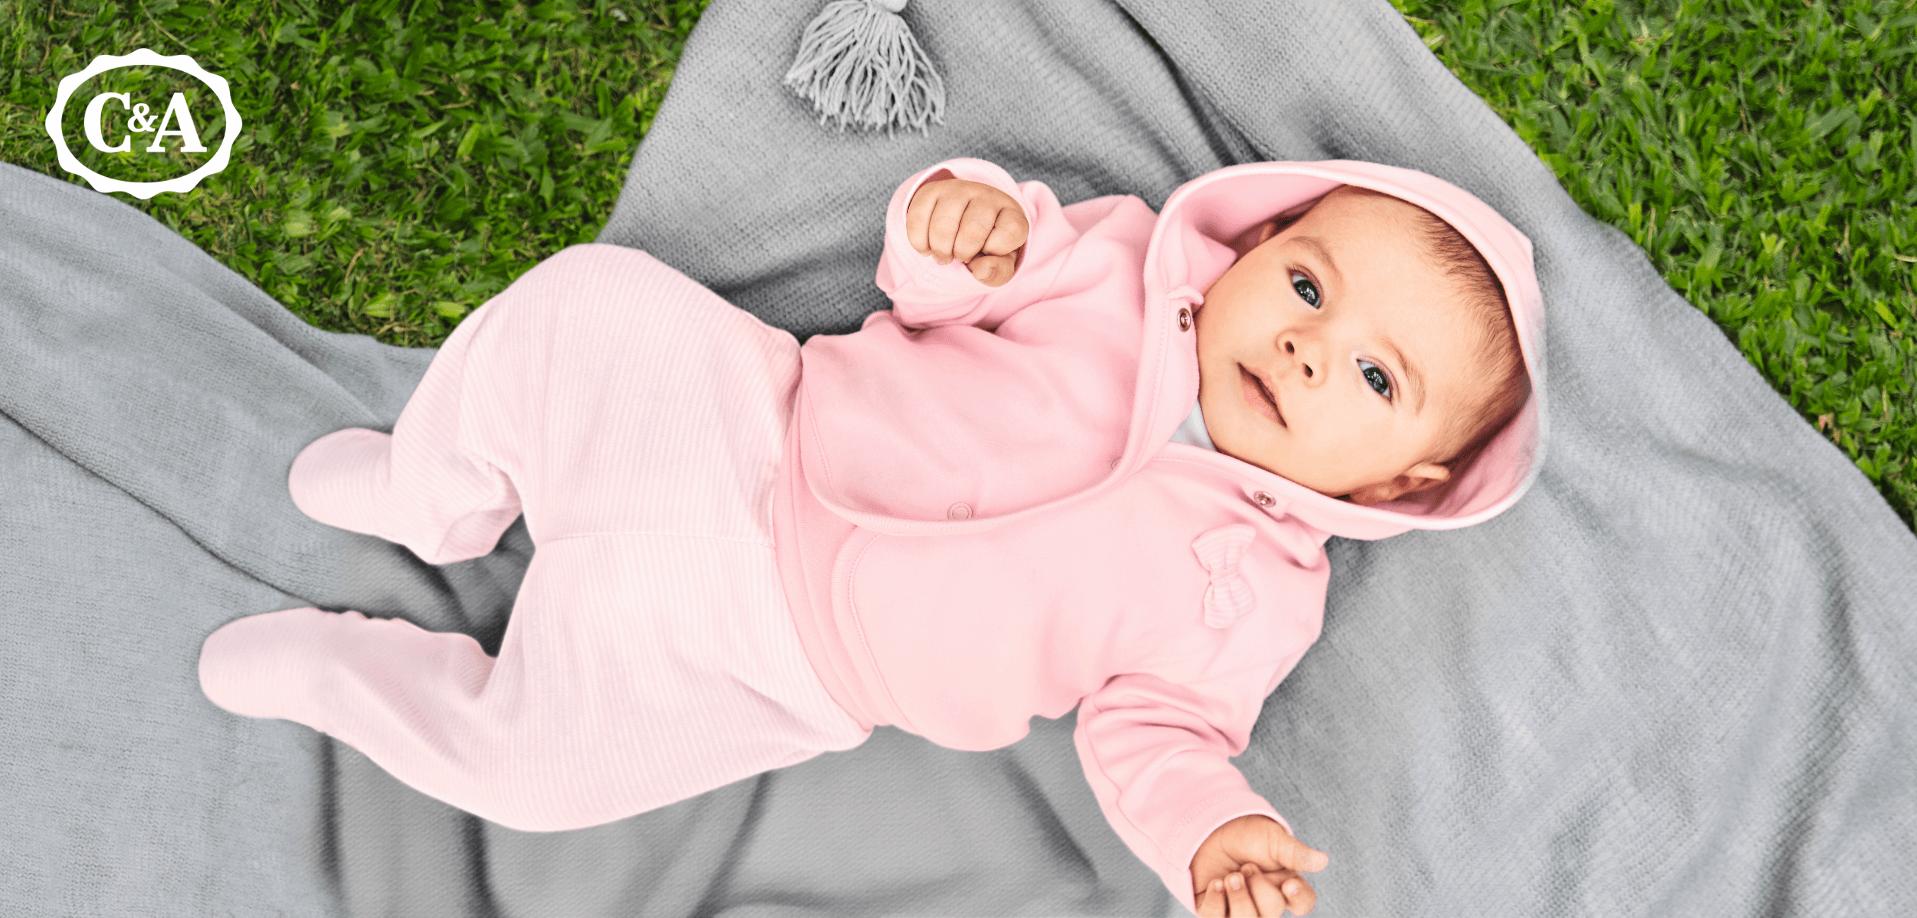 Baby im rosa Strampler